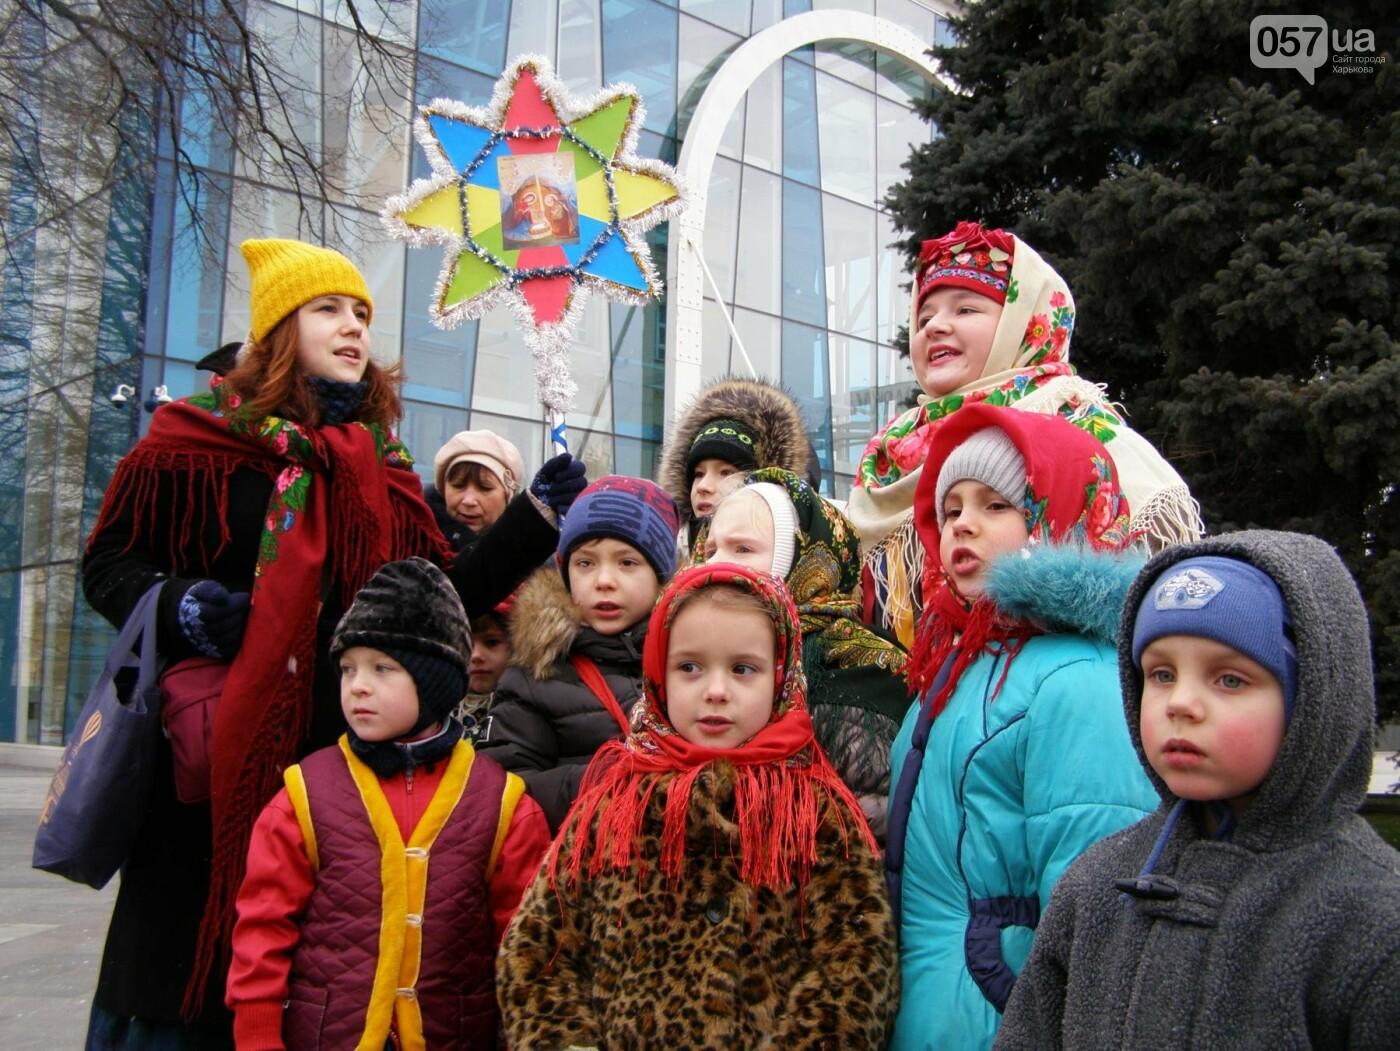 Харьков заполонили ангелы, козы и черти: в городе прошел масштабный фестиваль вертепов (ФОТО), фото-1